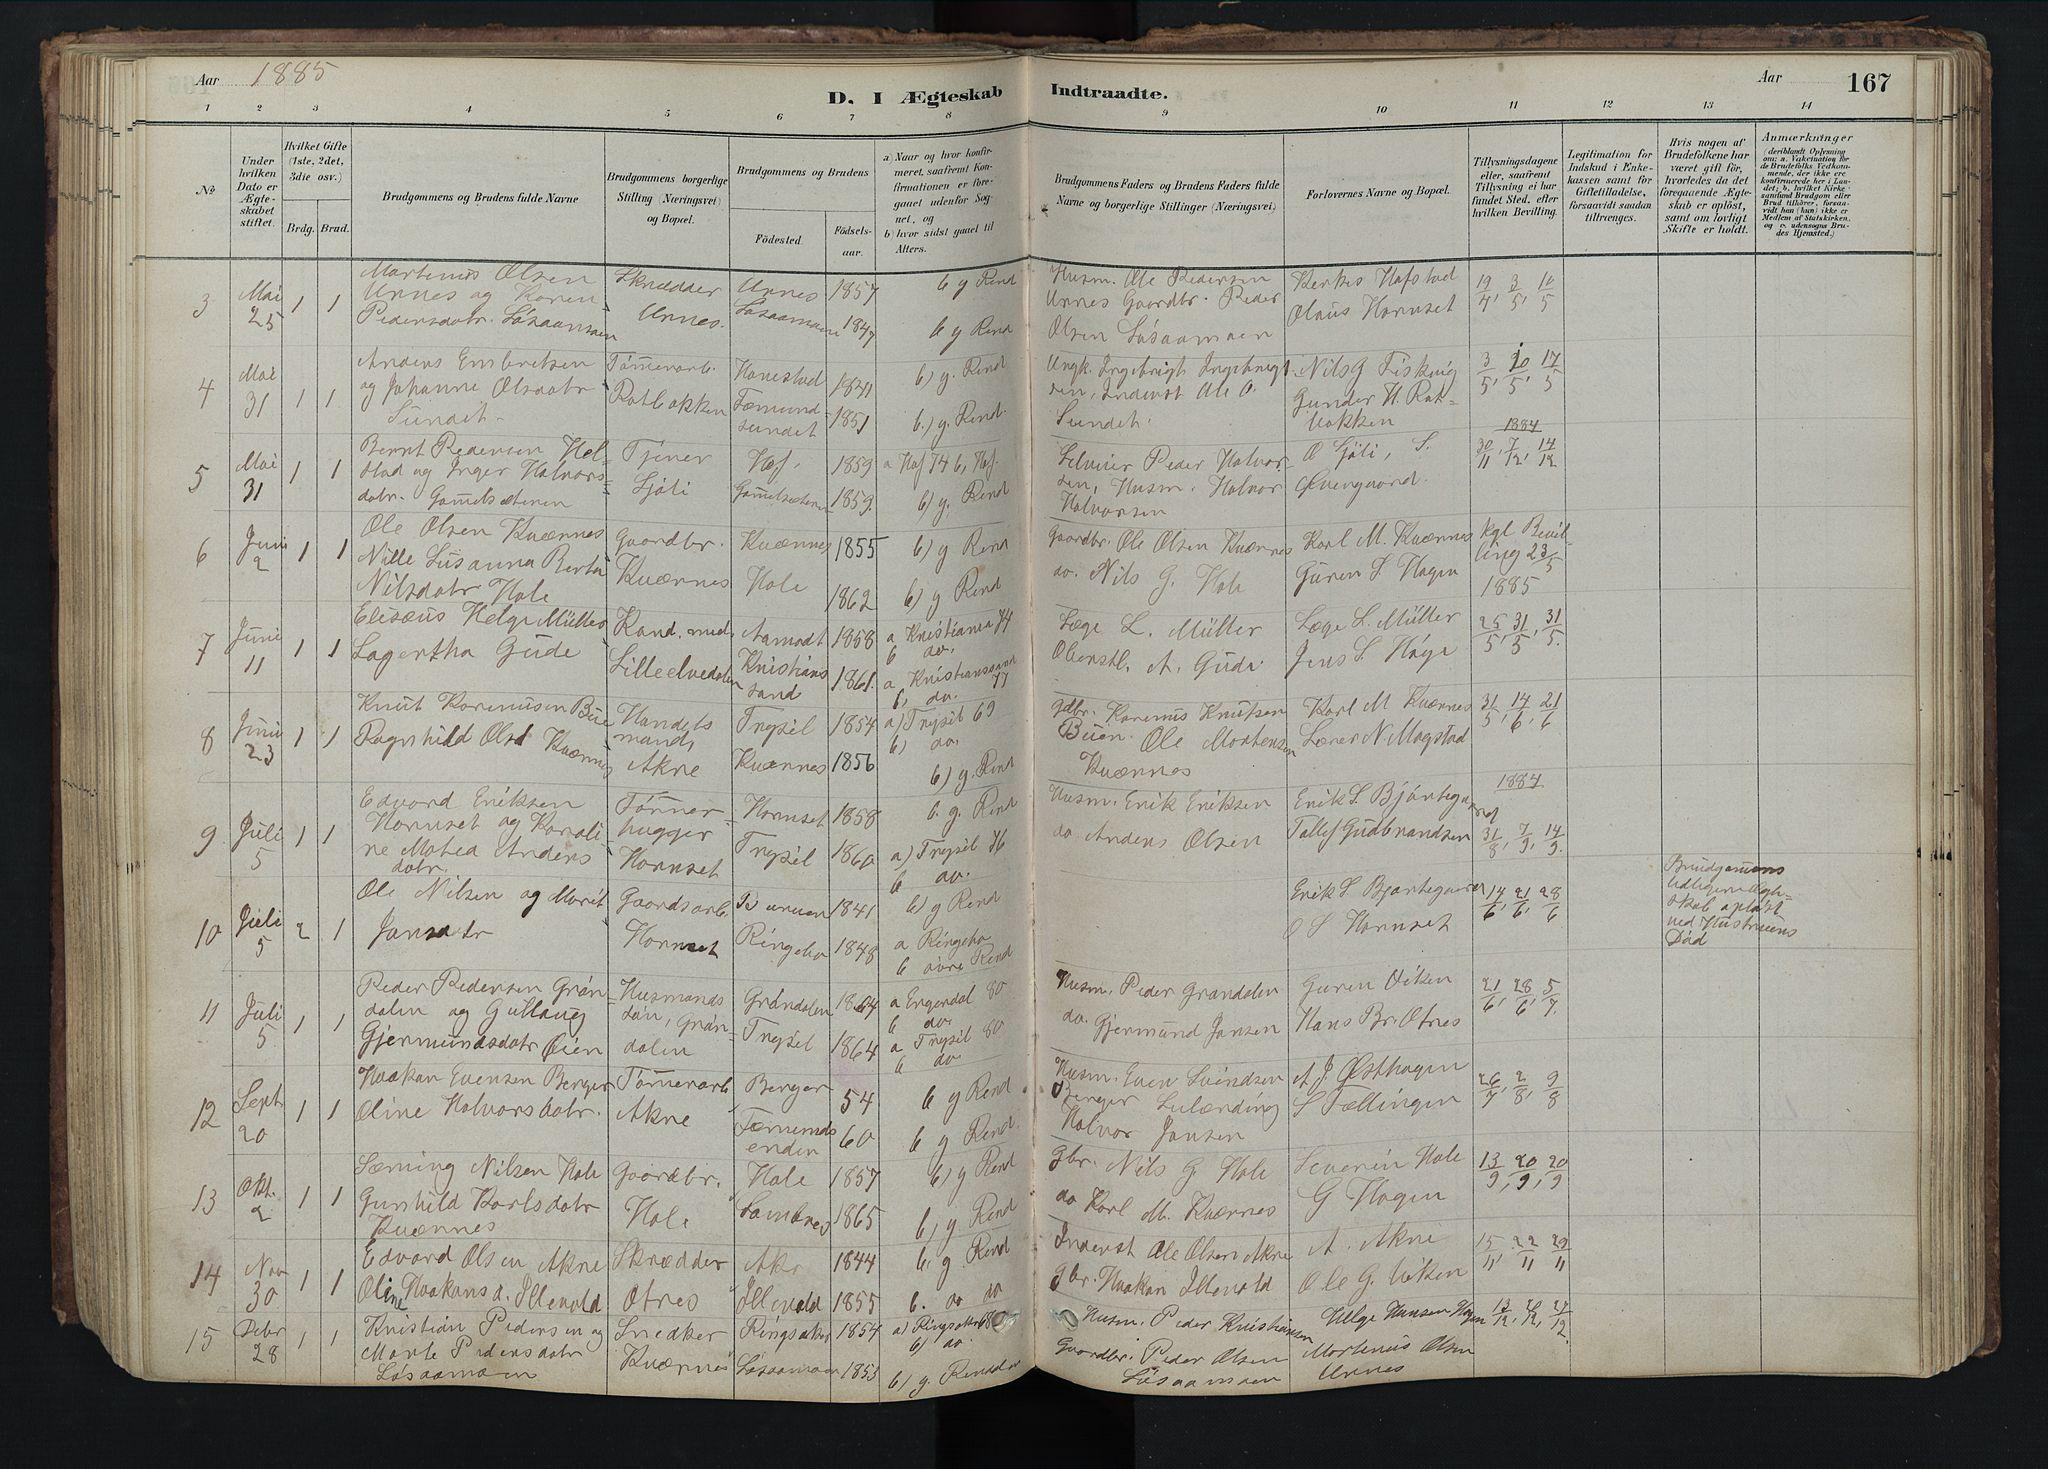 SAH, Rendalen prestekontor, H/Ha/Hab/L0009: Klokkerbok nr. 9, 1879-1902, s. 167